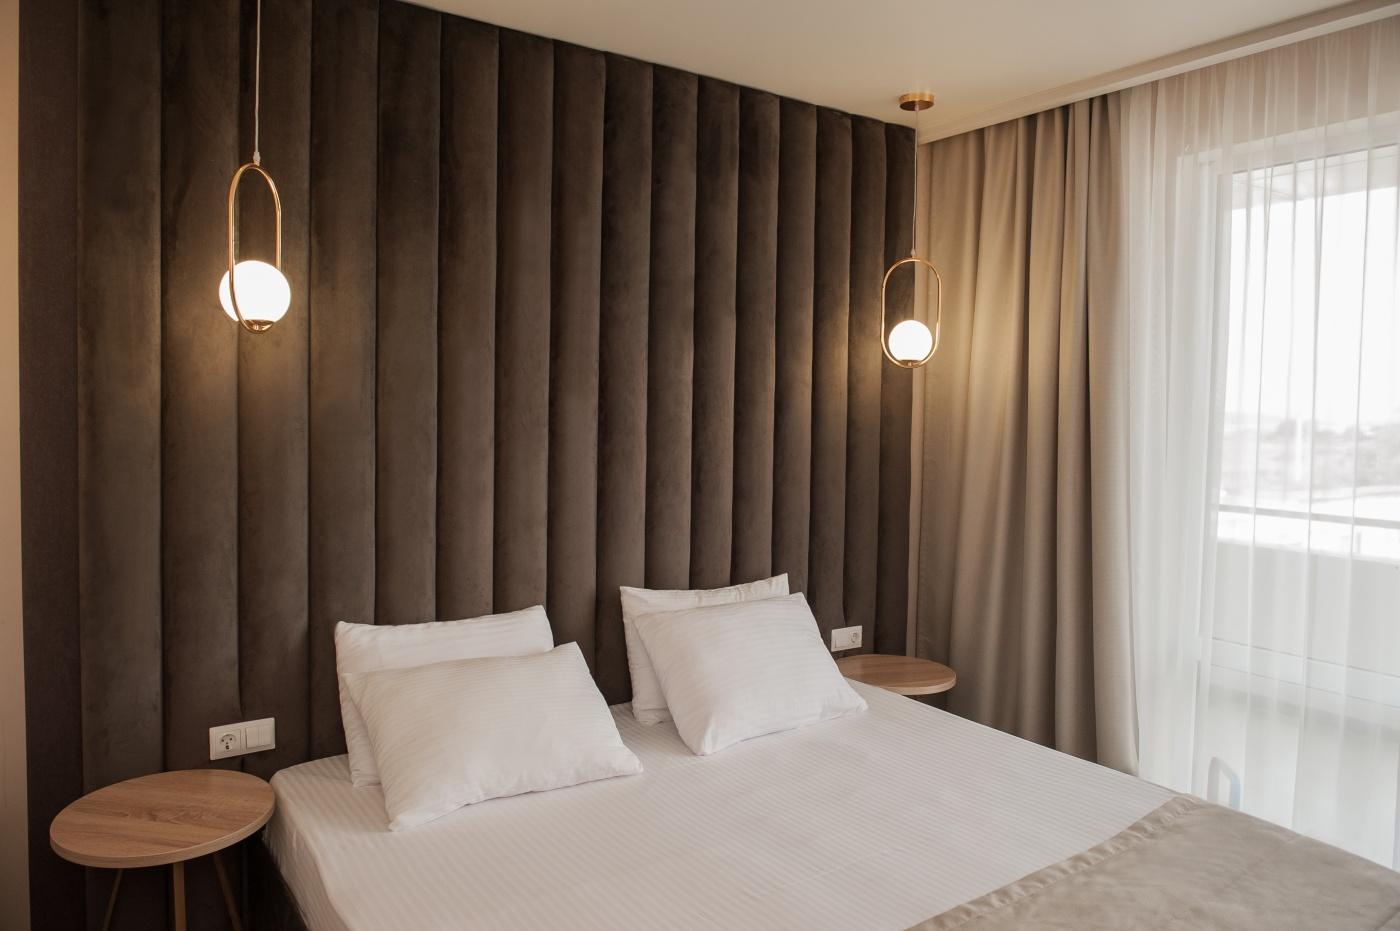 Отель «Aurum Family Resort & Spa» Краснодарский край Apartments 2-местный 3-комнатный, фото 2